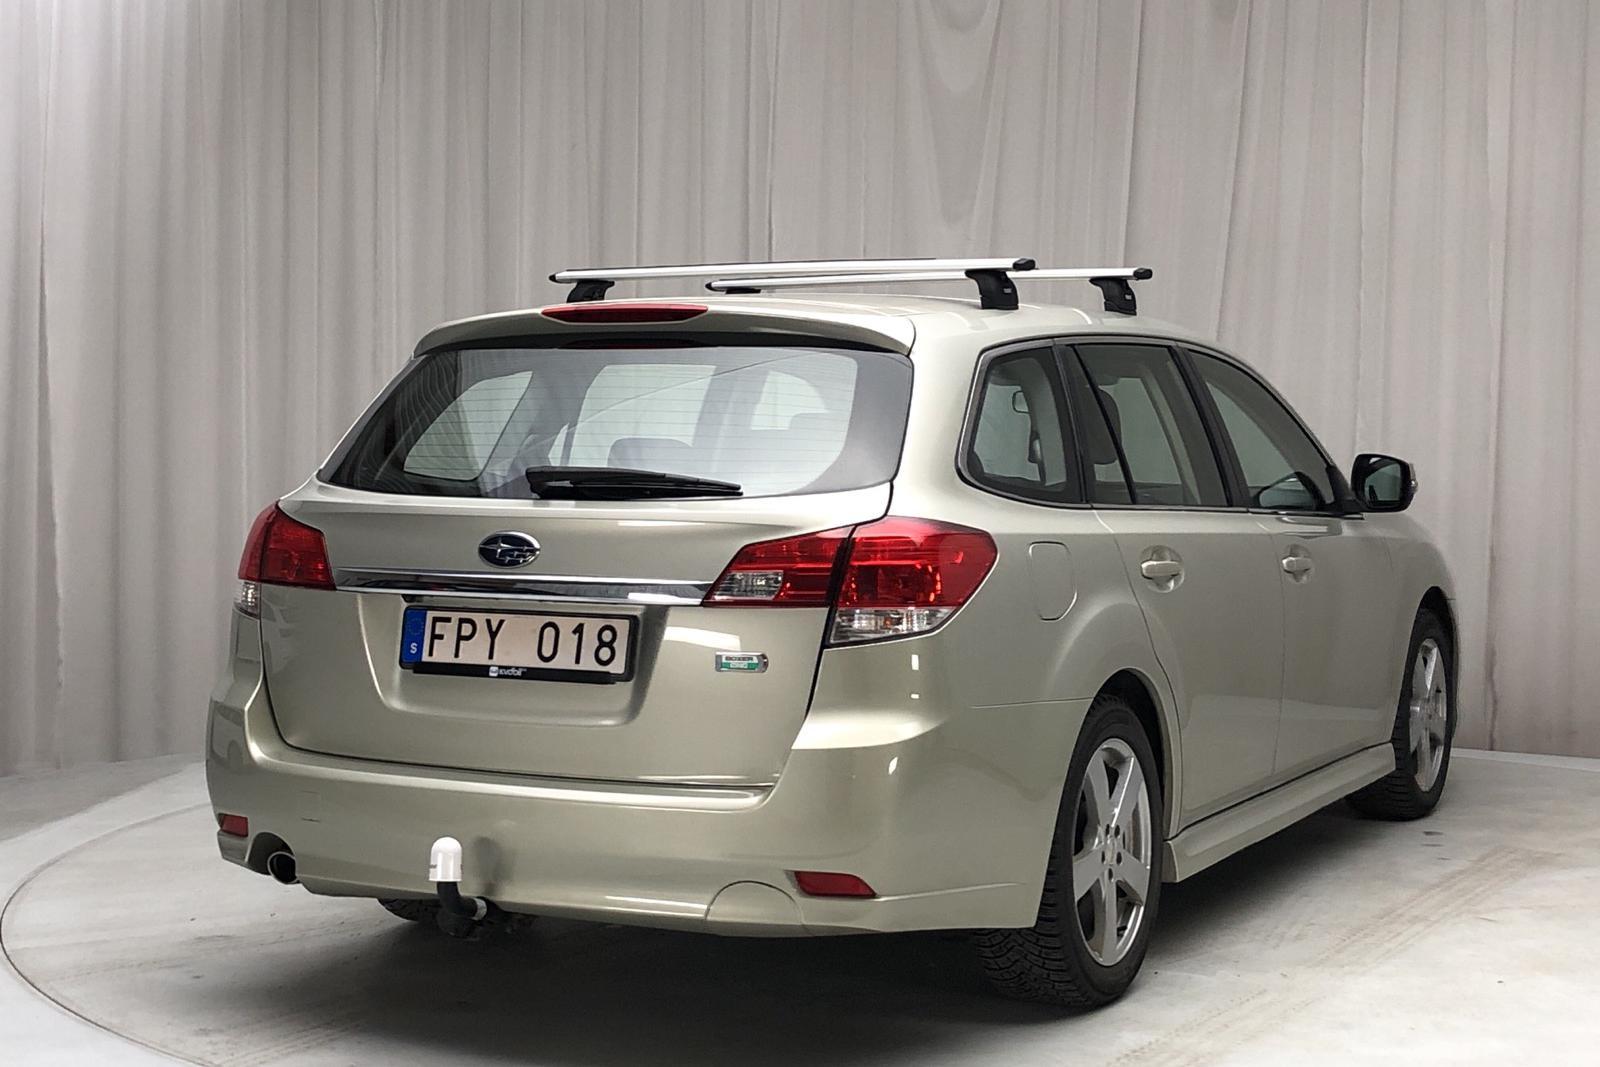 Subaru Legacy 2.5i Station (167hk) - 79 980 km - Automatic - Light Yellow - 2012